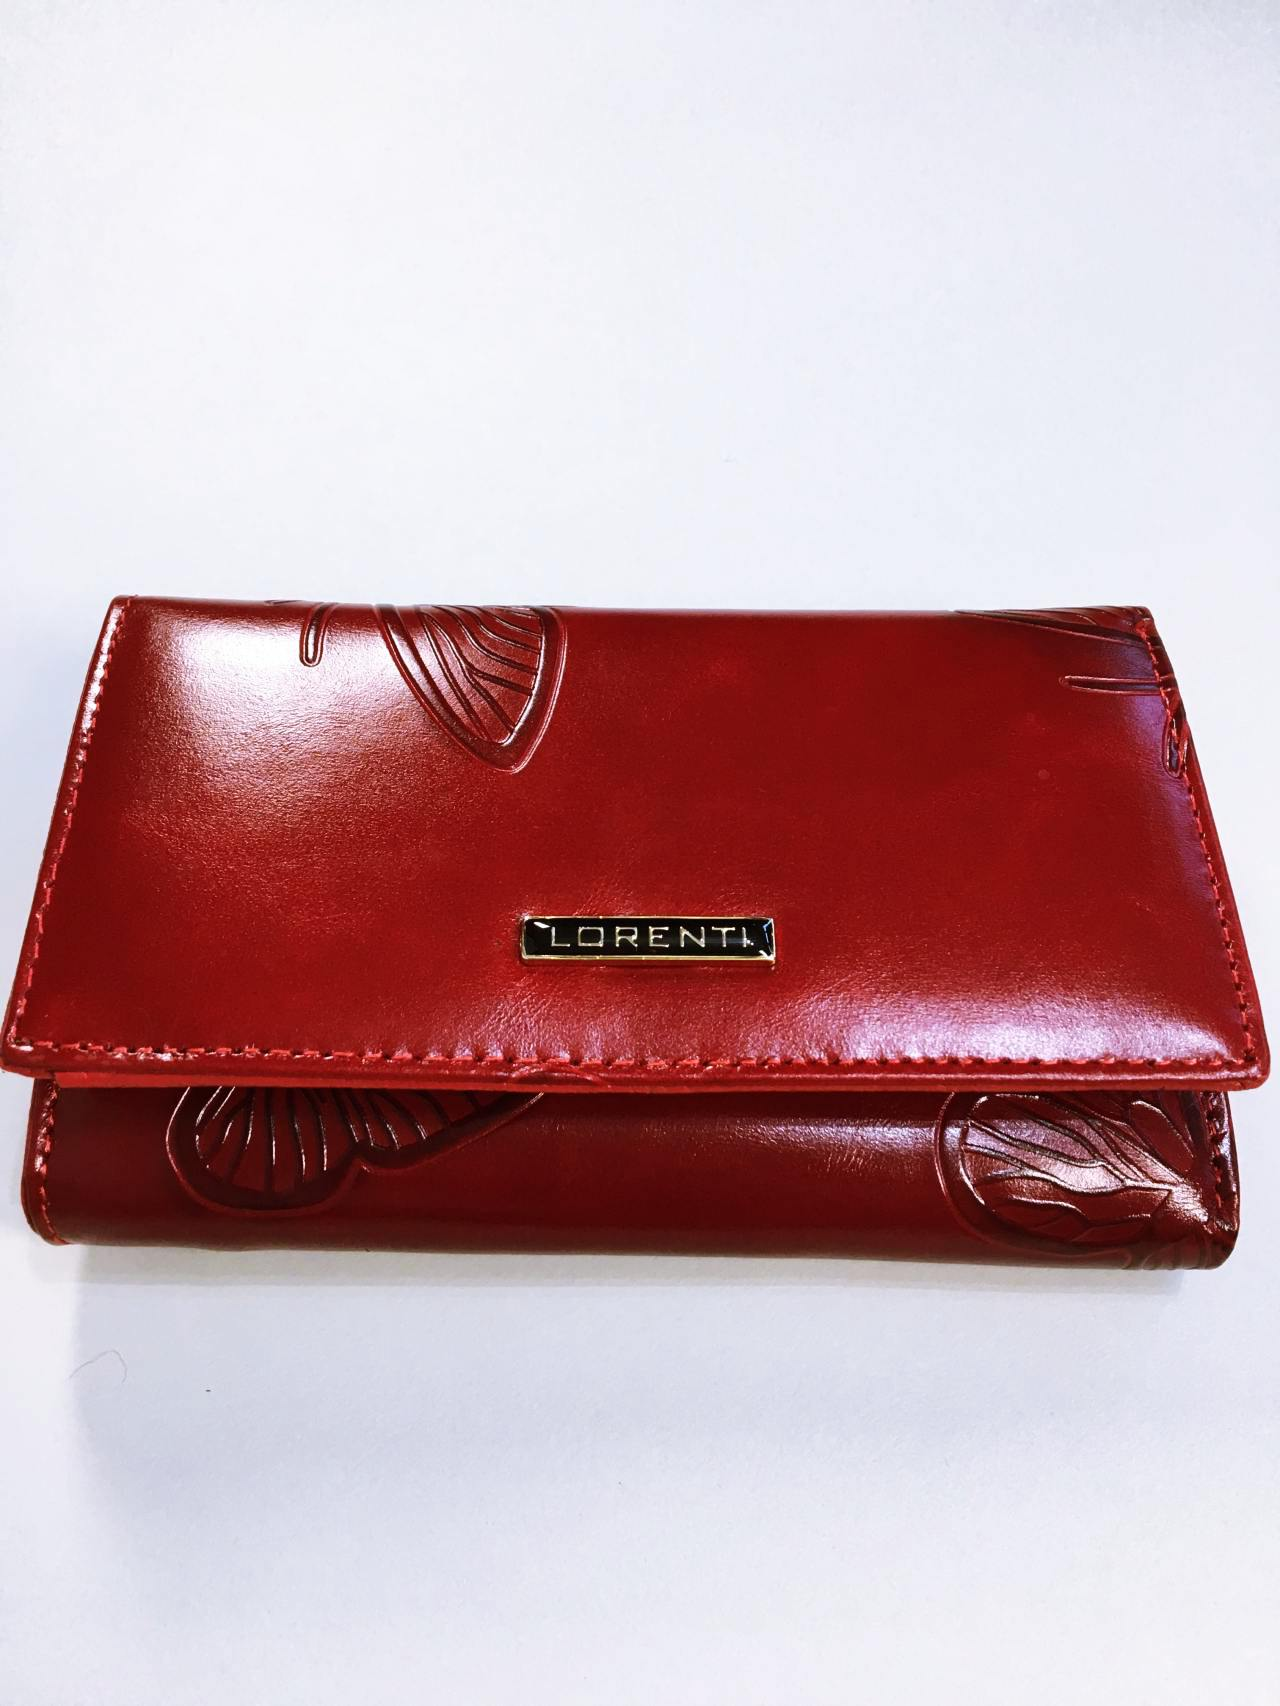 Kožená peněženka Lorenti tmavě červená 01